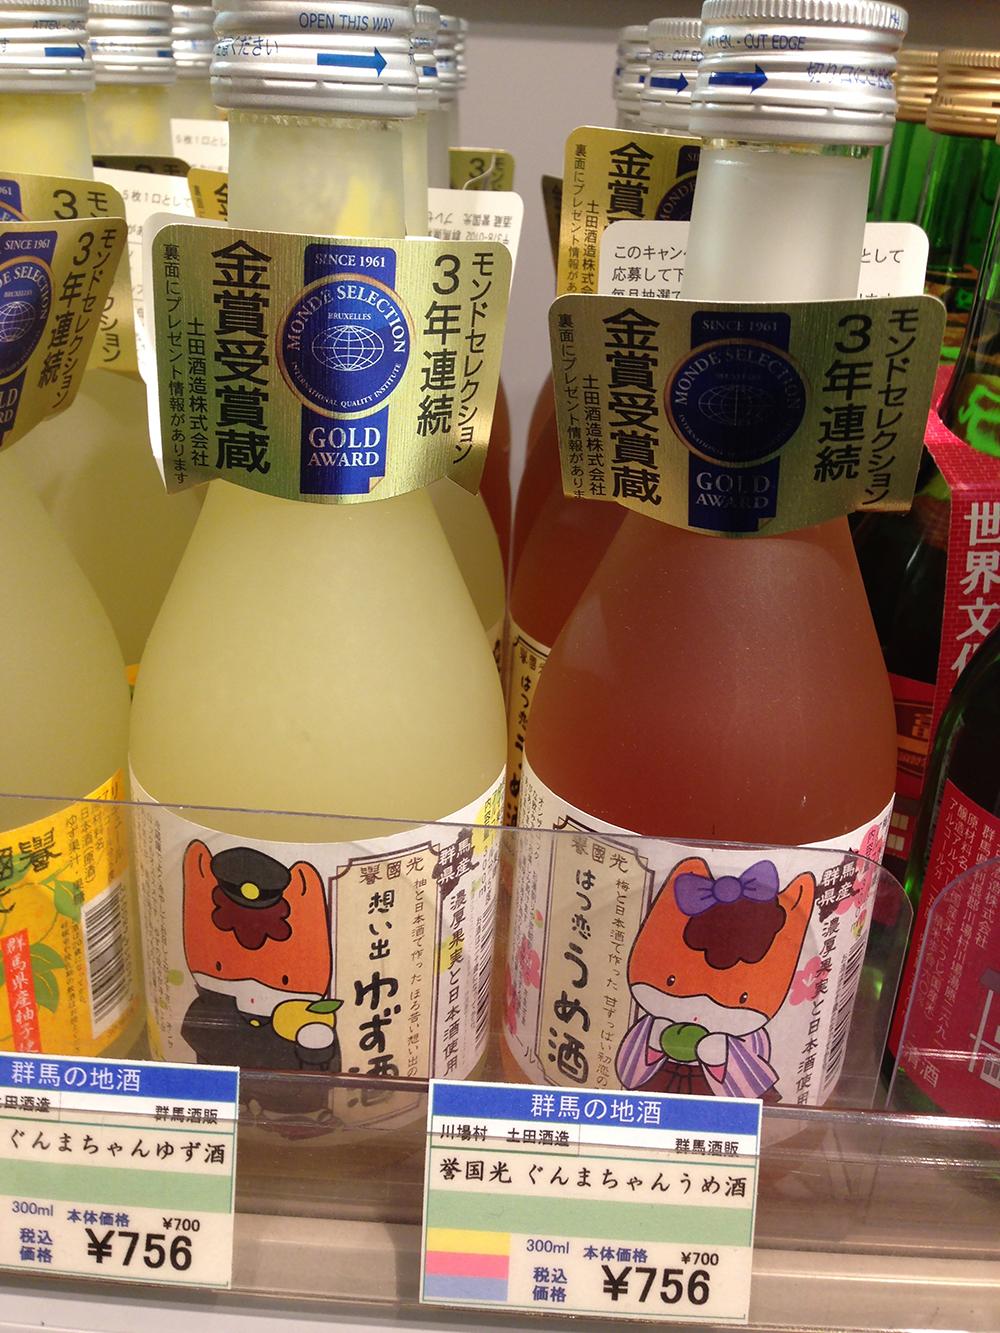 ぐんまちゃんラベル群馬県産果実酒シリーズ